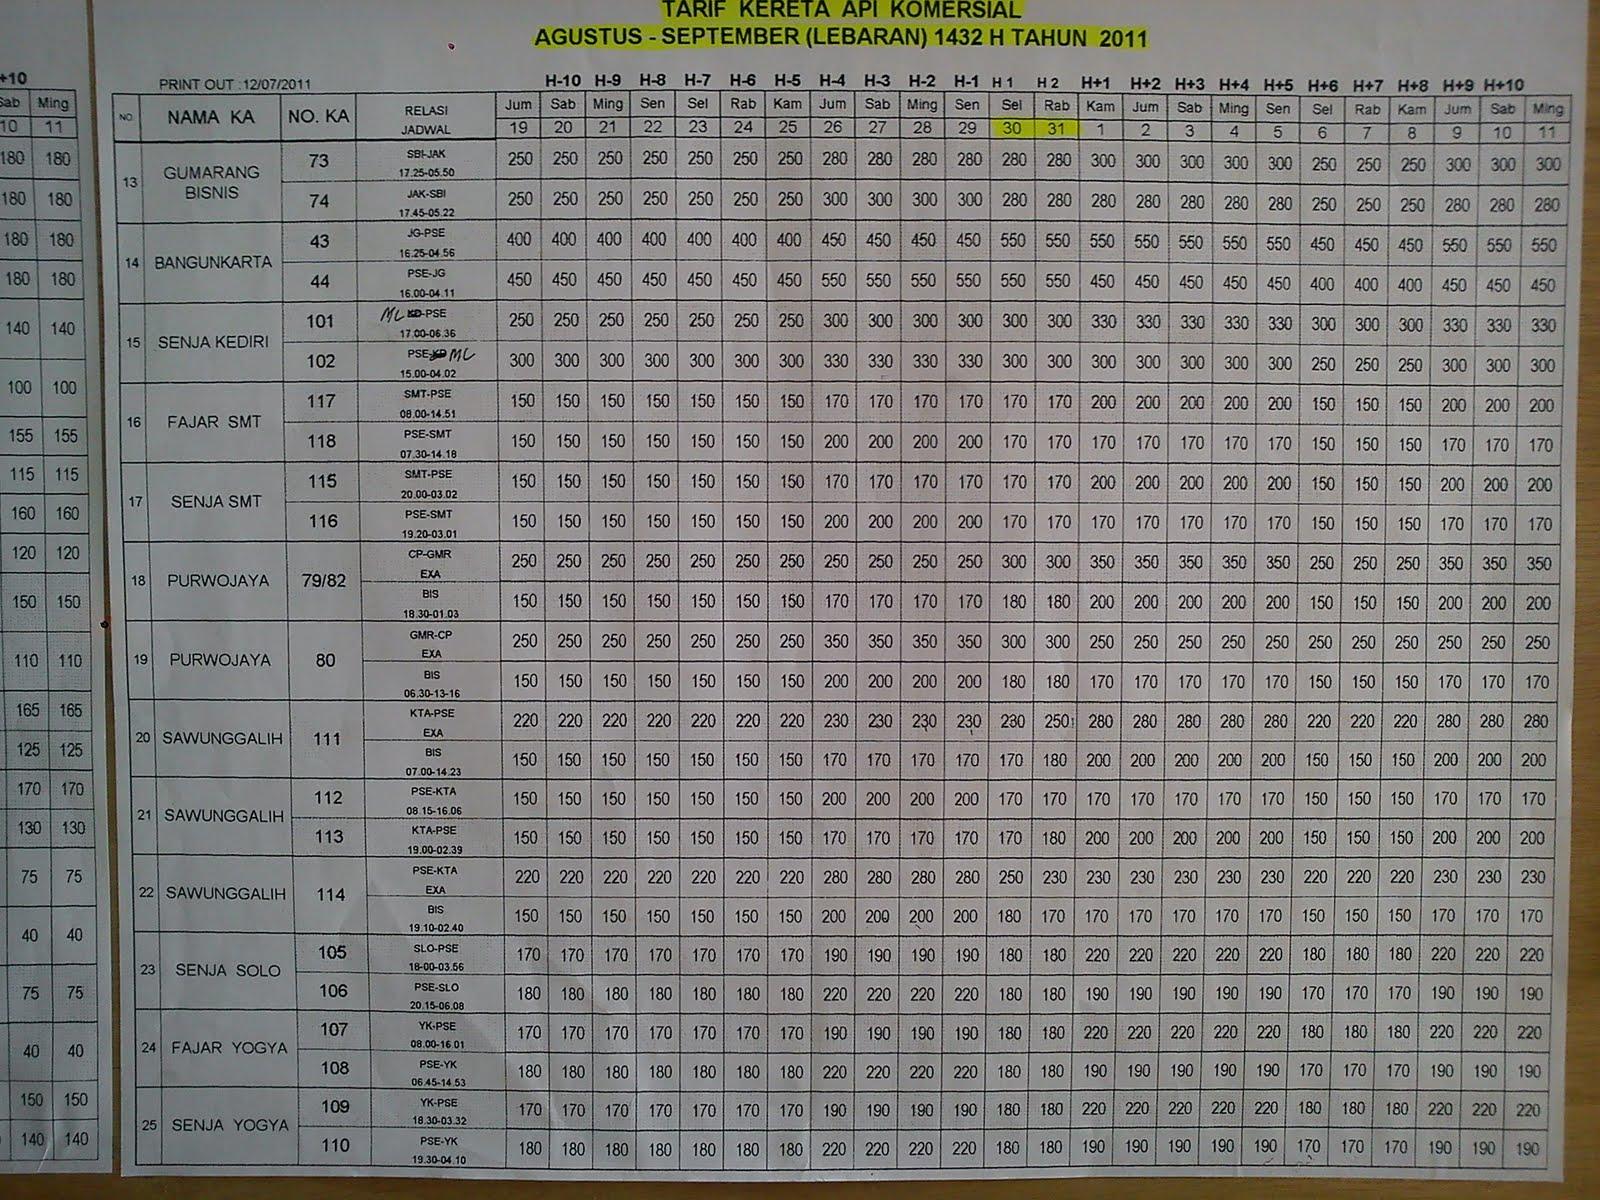 Harga Tiket Kereta Api Jakarta Jogja Ekonomi 2011